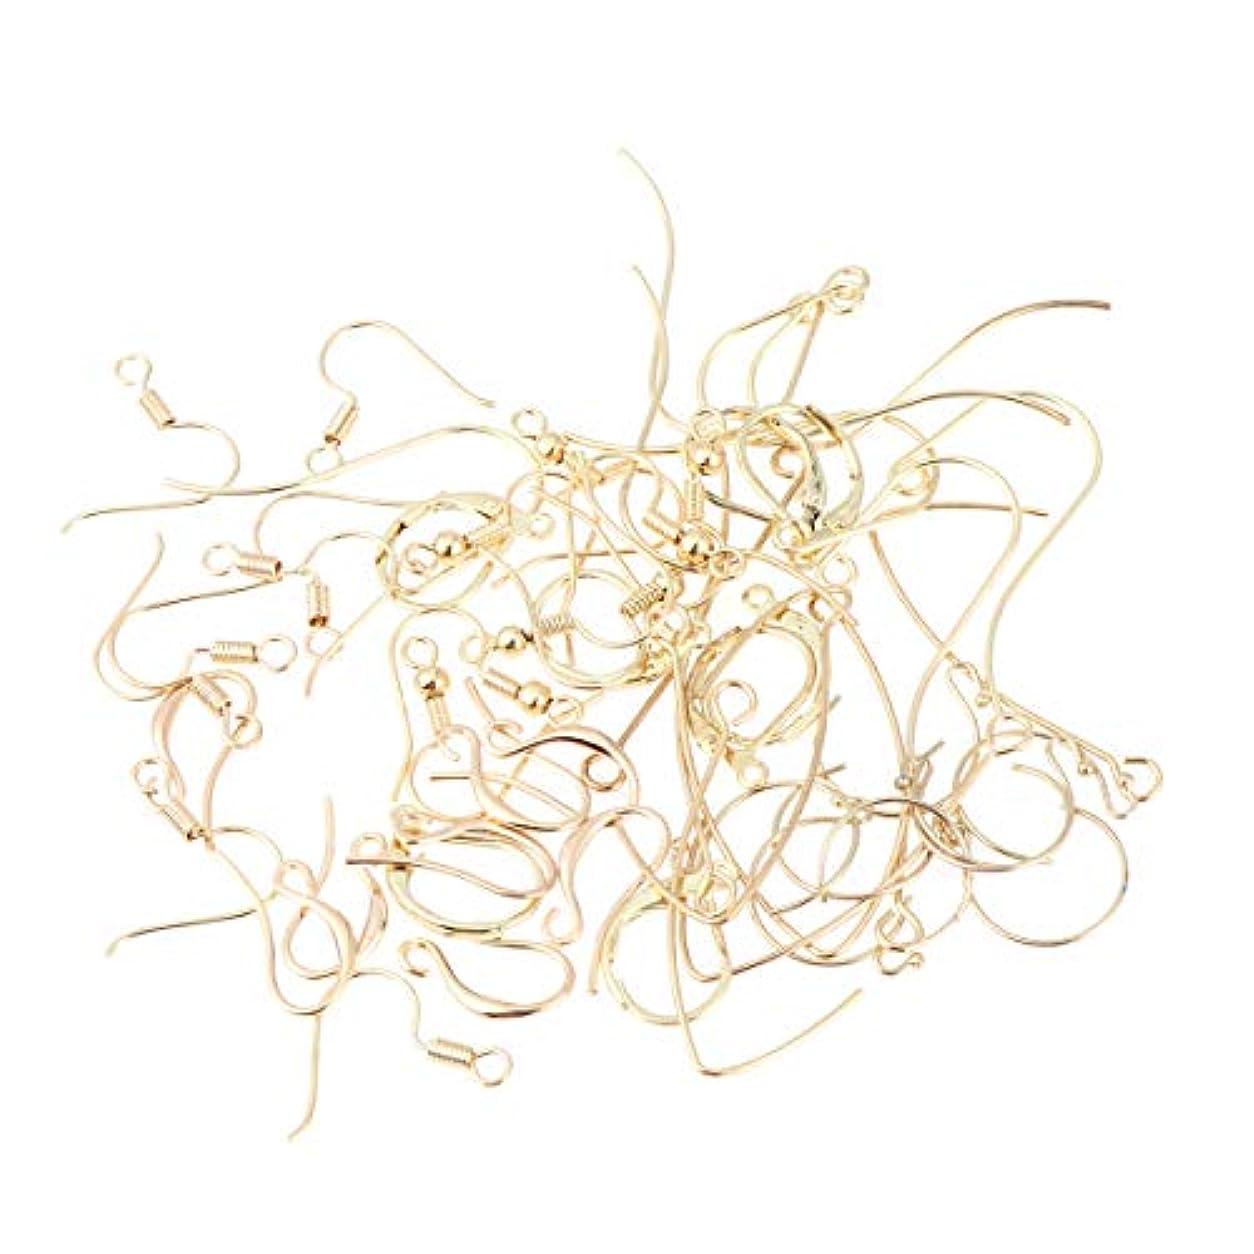 週間熱望する大学院Healifty 56個 イヤリング フック イヤワイヤー ボールコイル diy工芸品 ジュエリー